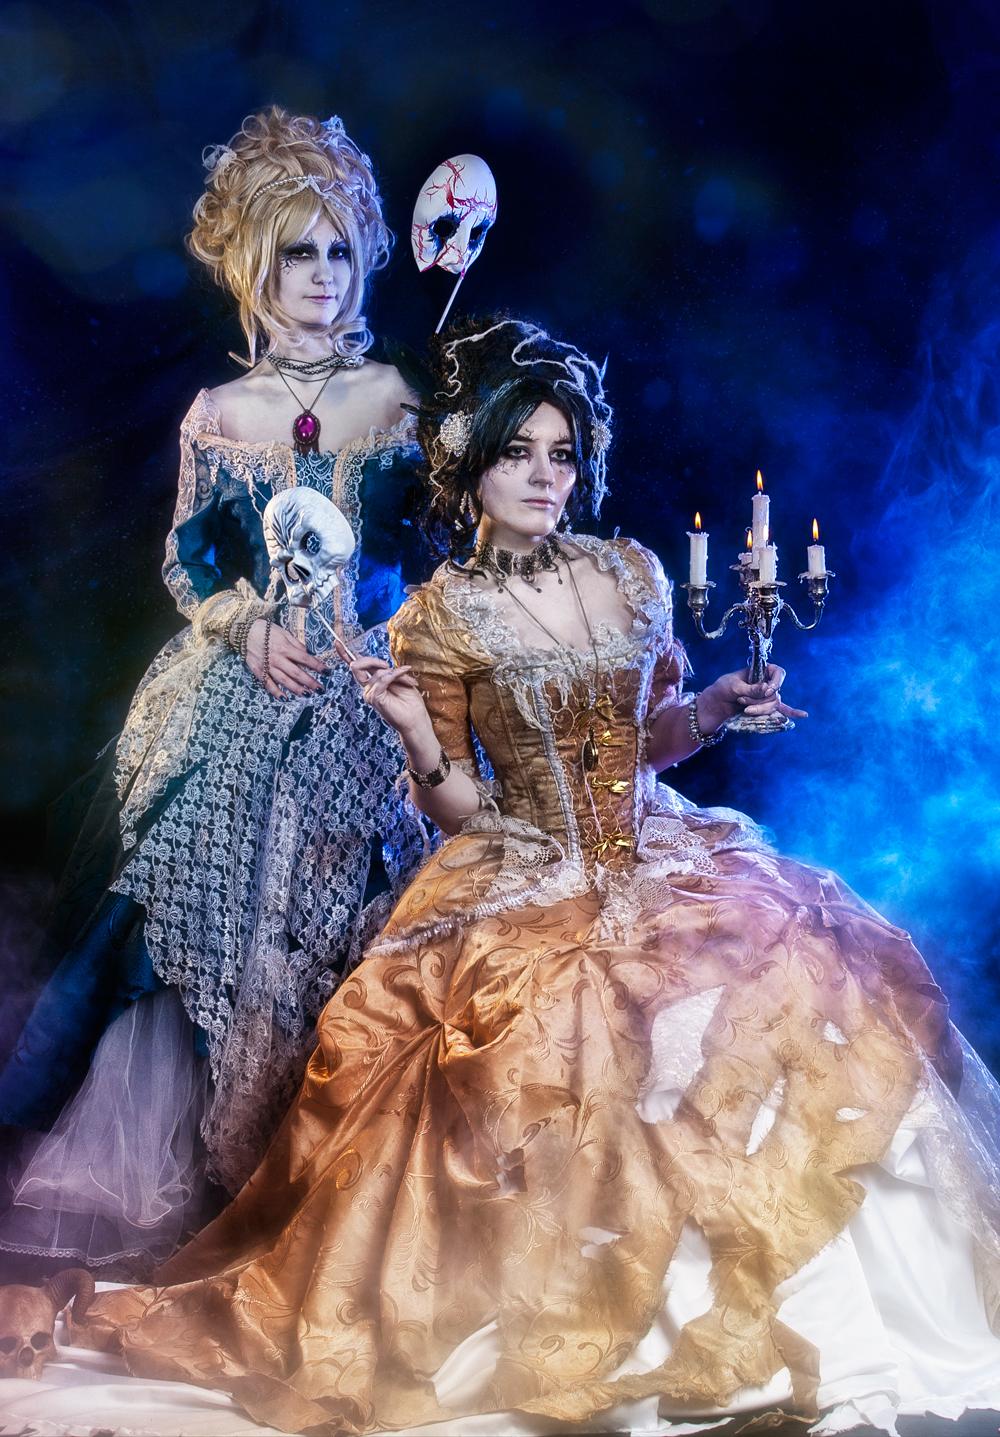 Dead Masquerade by Afemera